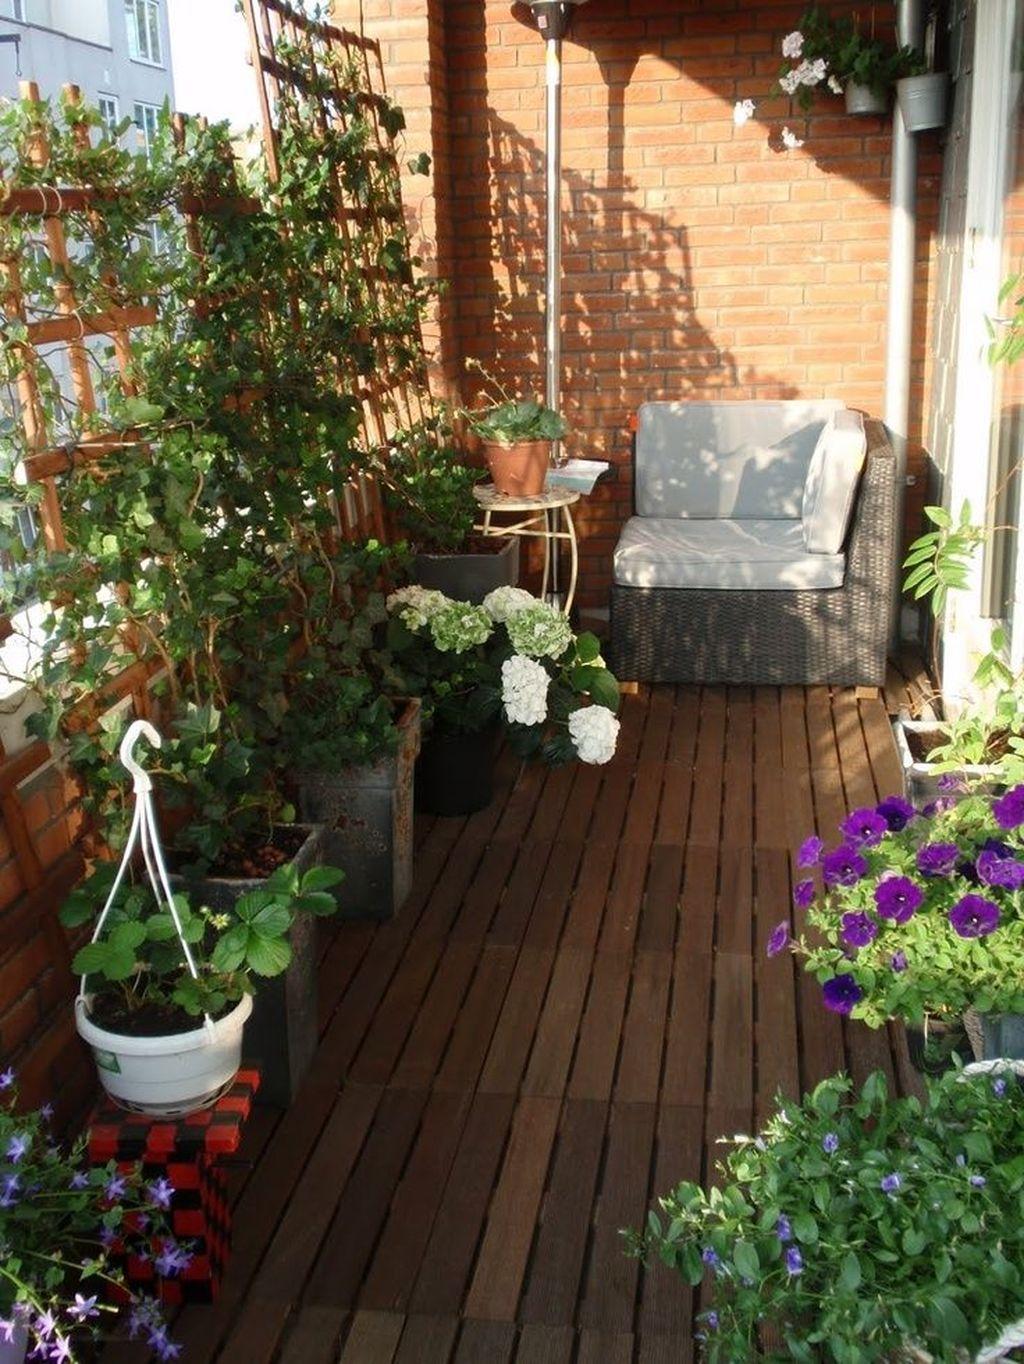 trellis for snow peas | Small balcony garden, Balcony ...